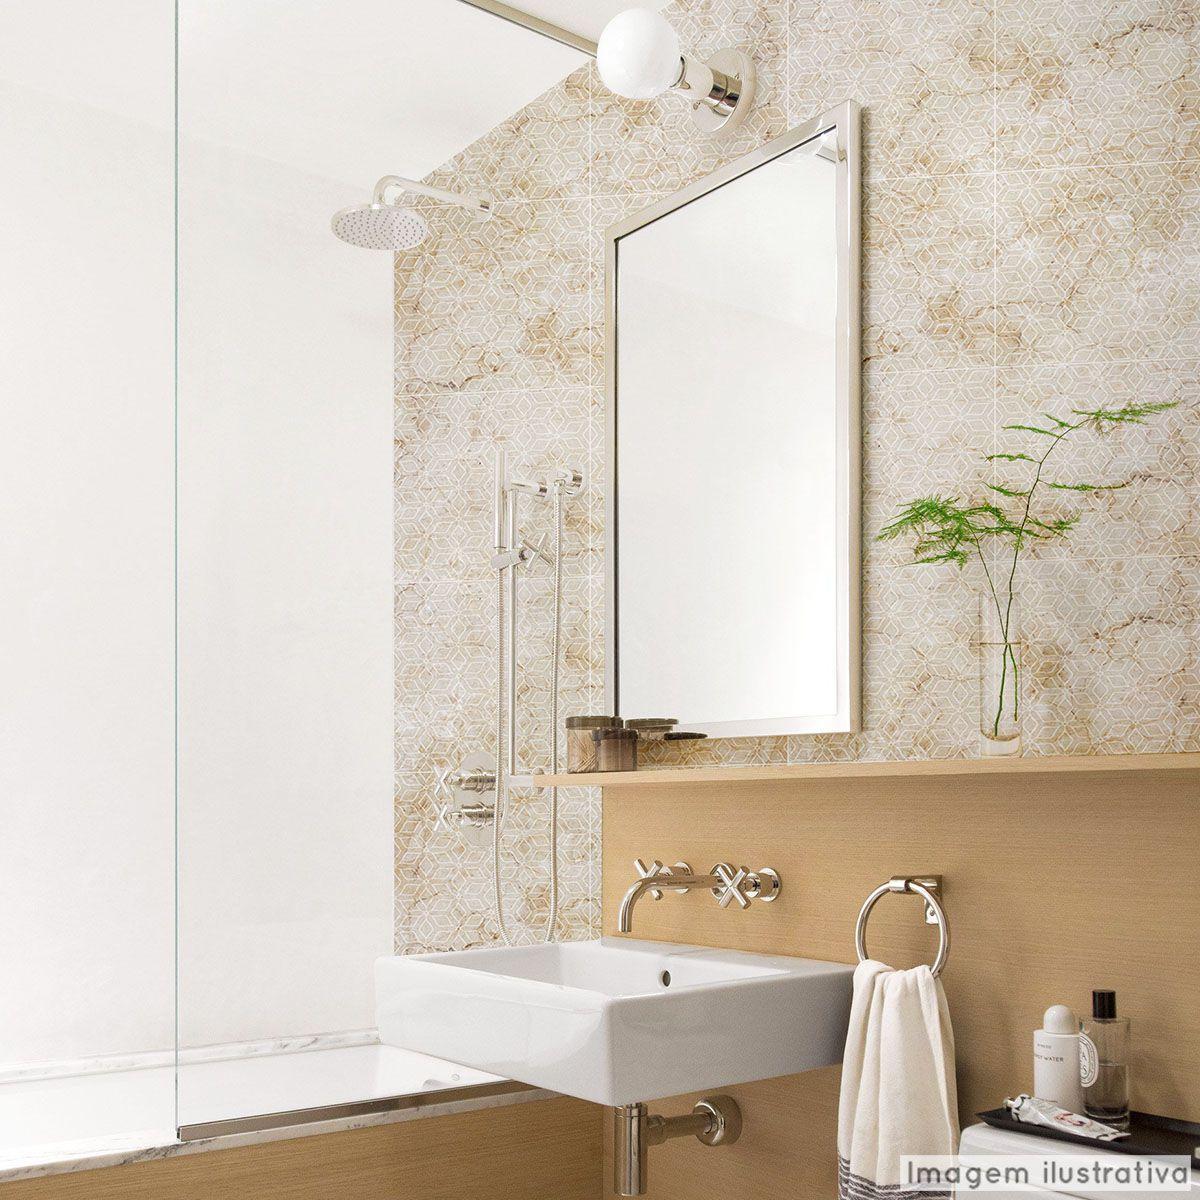 Papel de Parede Lavavel para Banheiro Cozinha Revestimento Fosco Mármore Cobogó  - TaColado